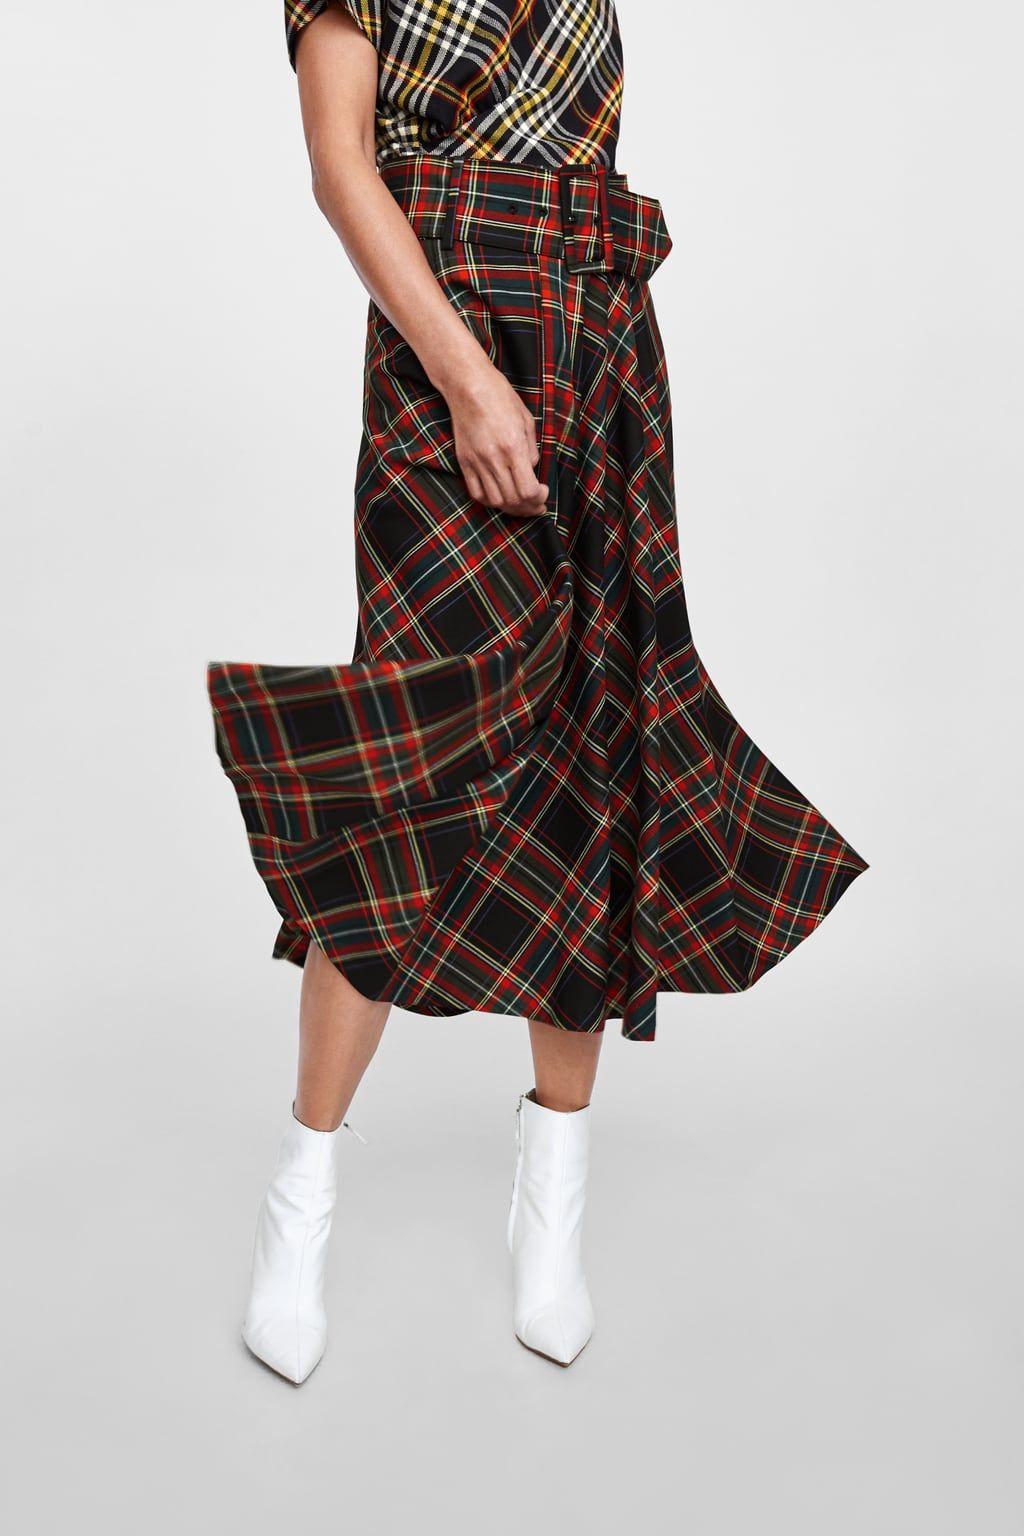 f1367447ed Plaid midi skirt in 2019   SKIRTS   Skirts, Swing skirt, Midi skirt